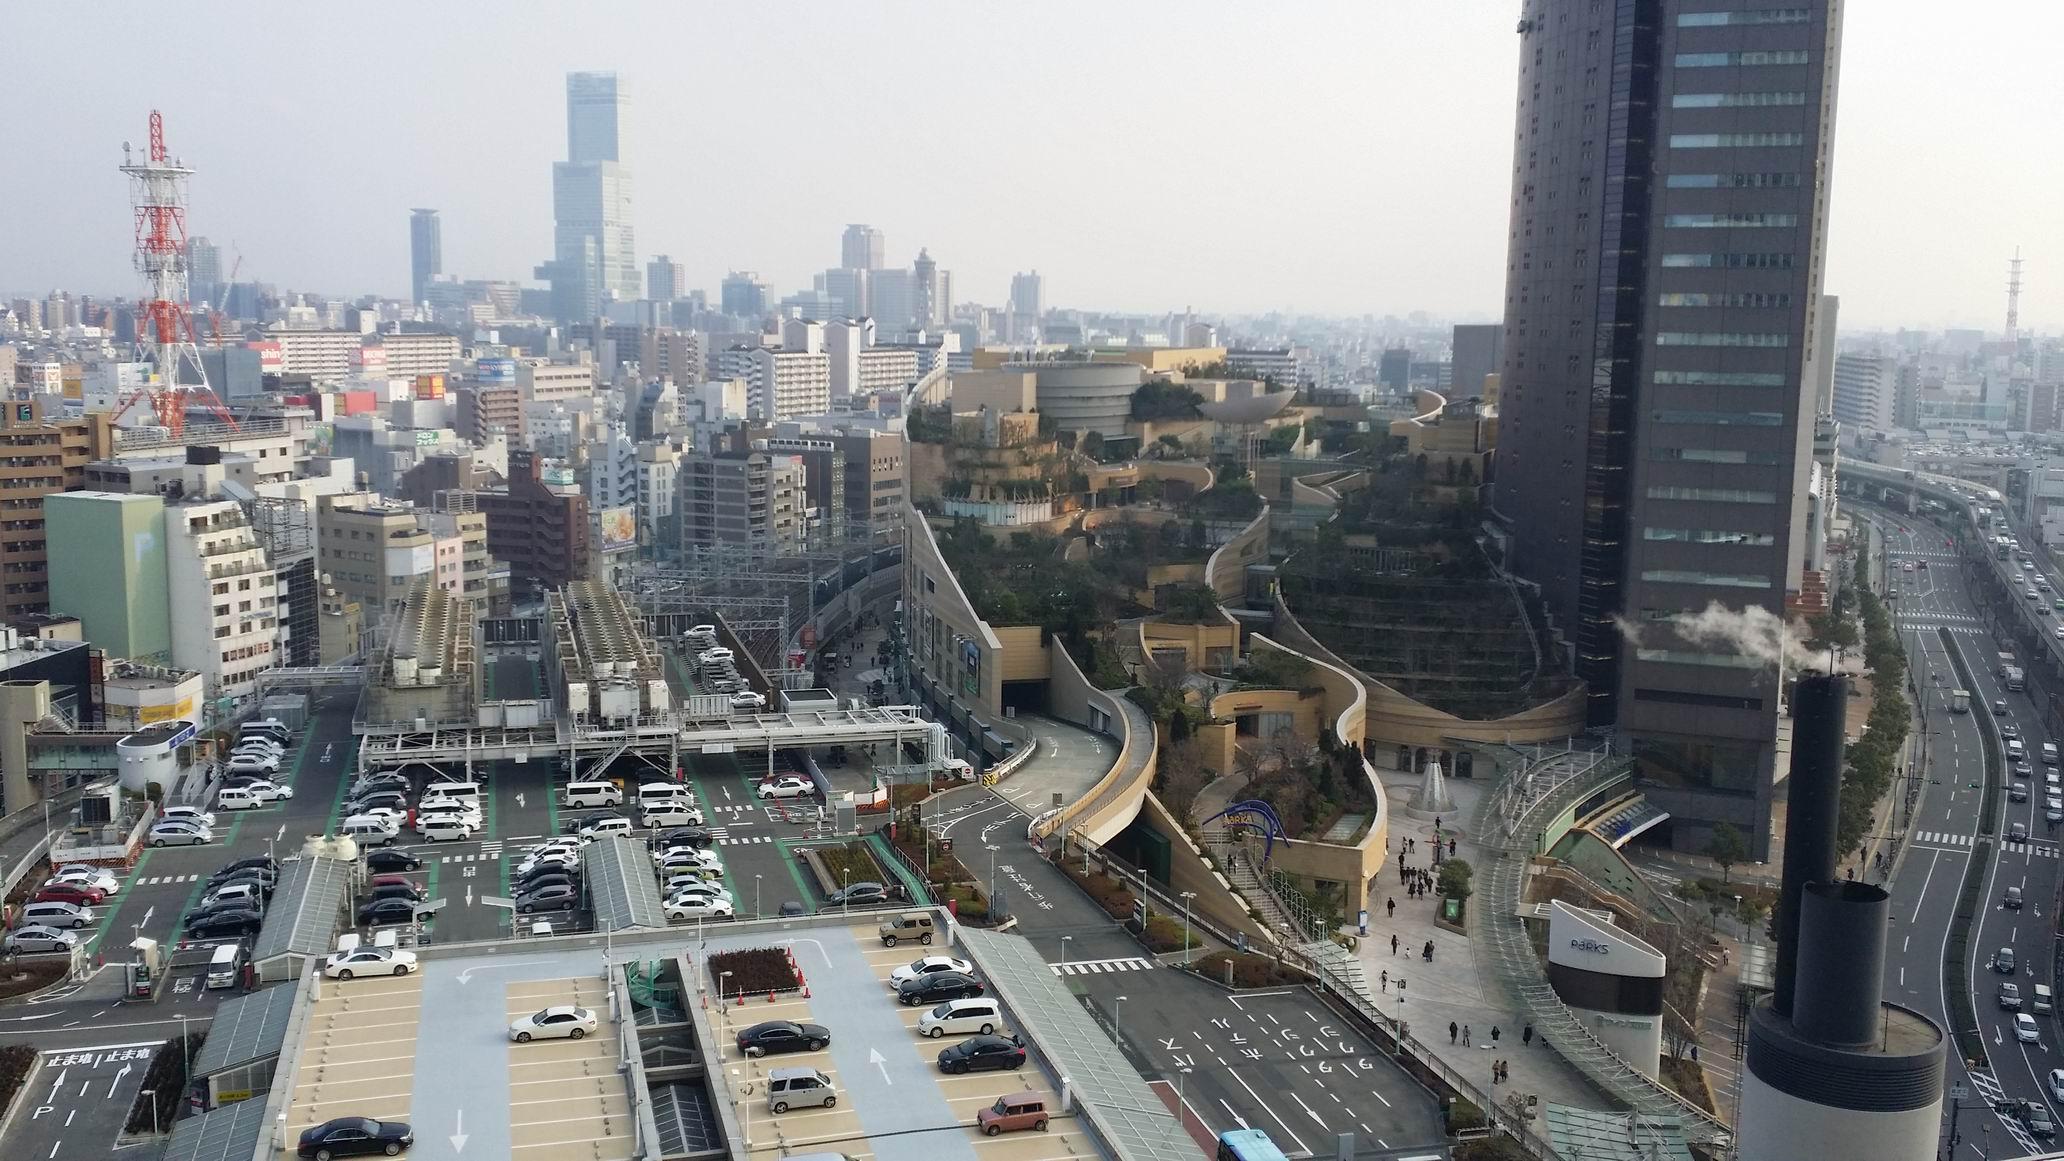 李舒薇照片_2011年1月(日本+春节)照片_大阪-102.jpg